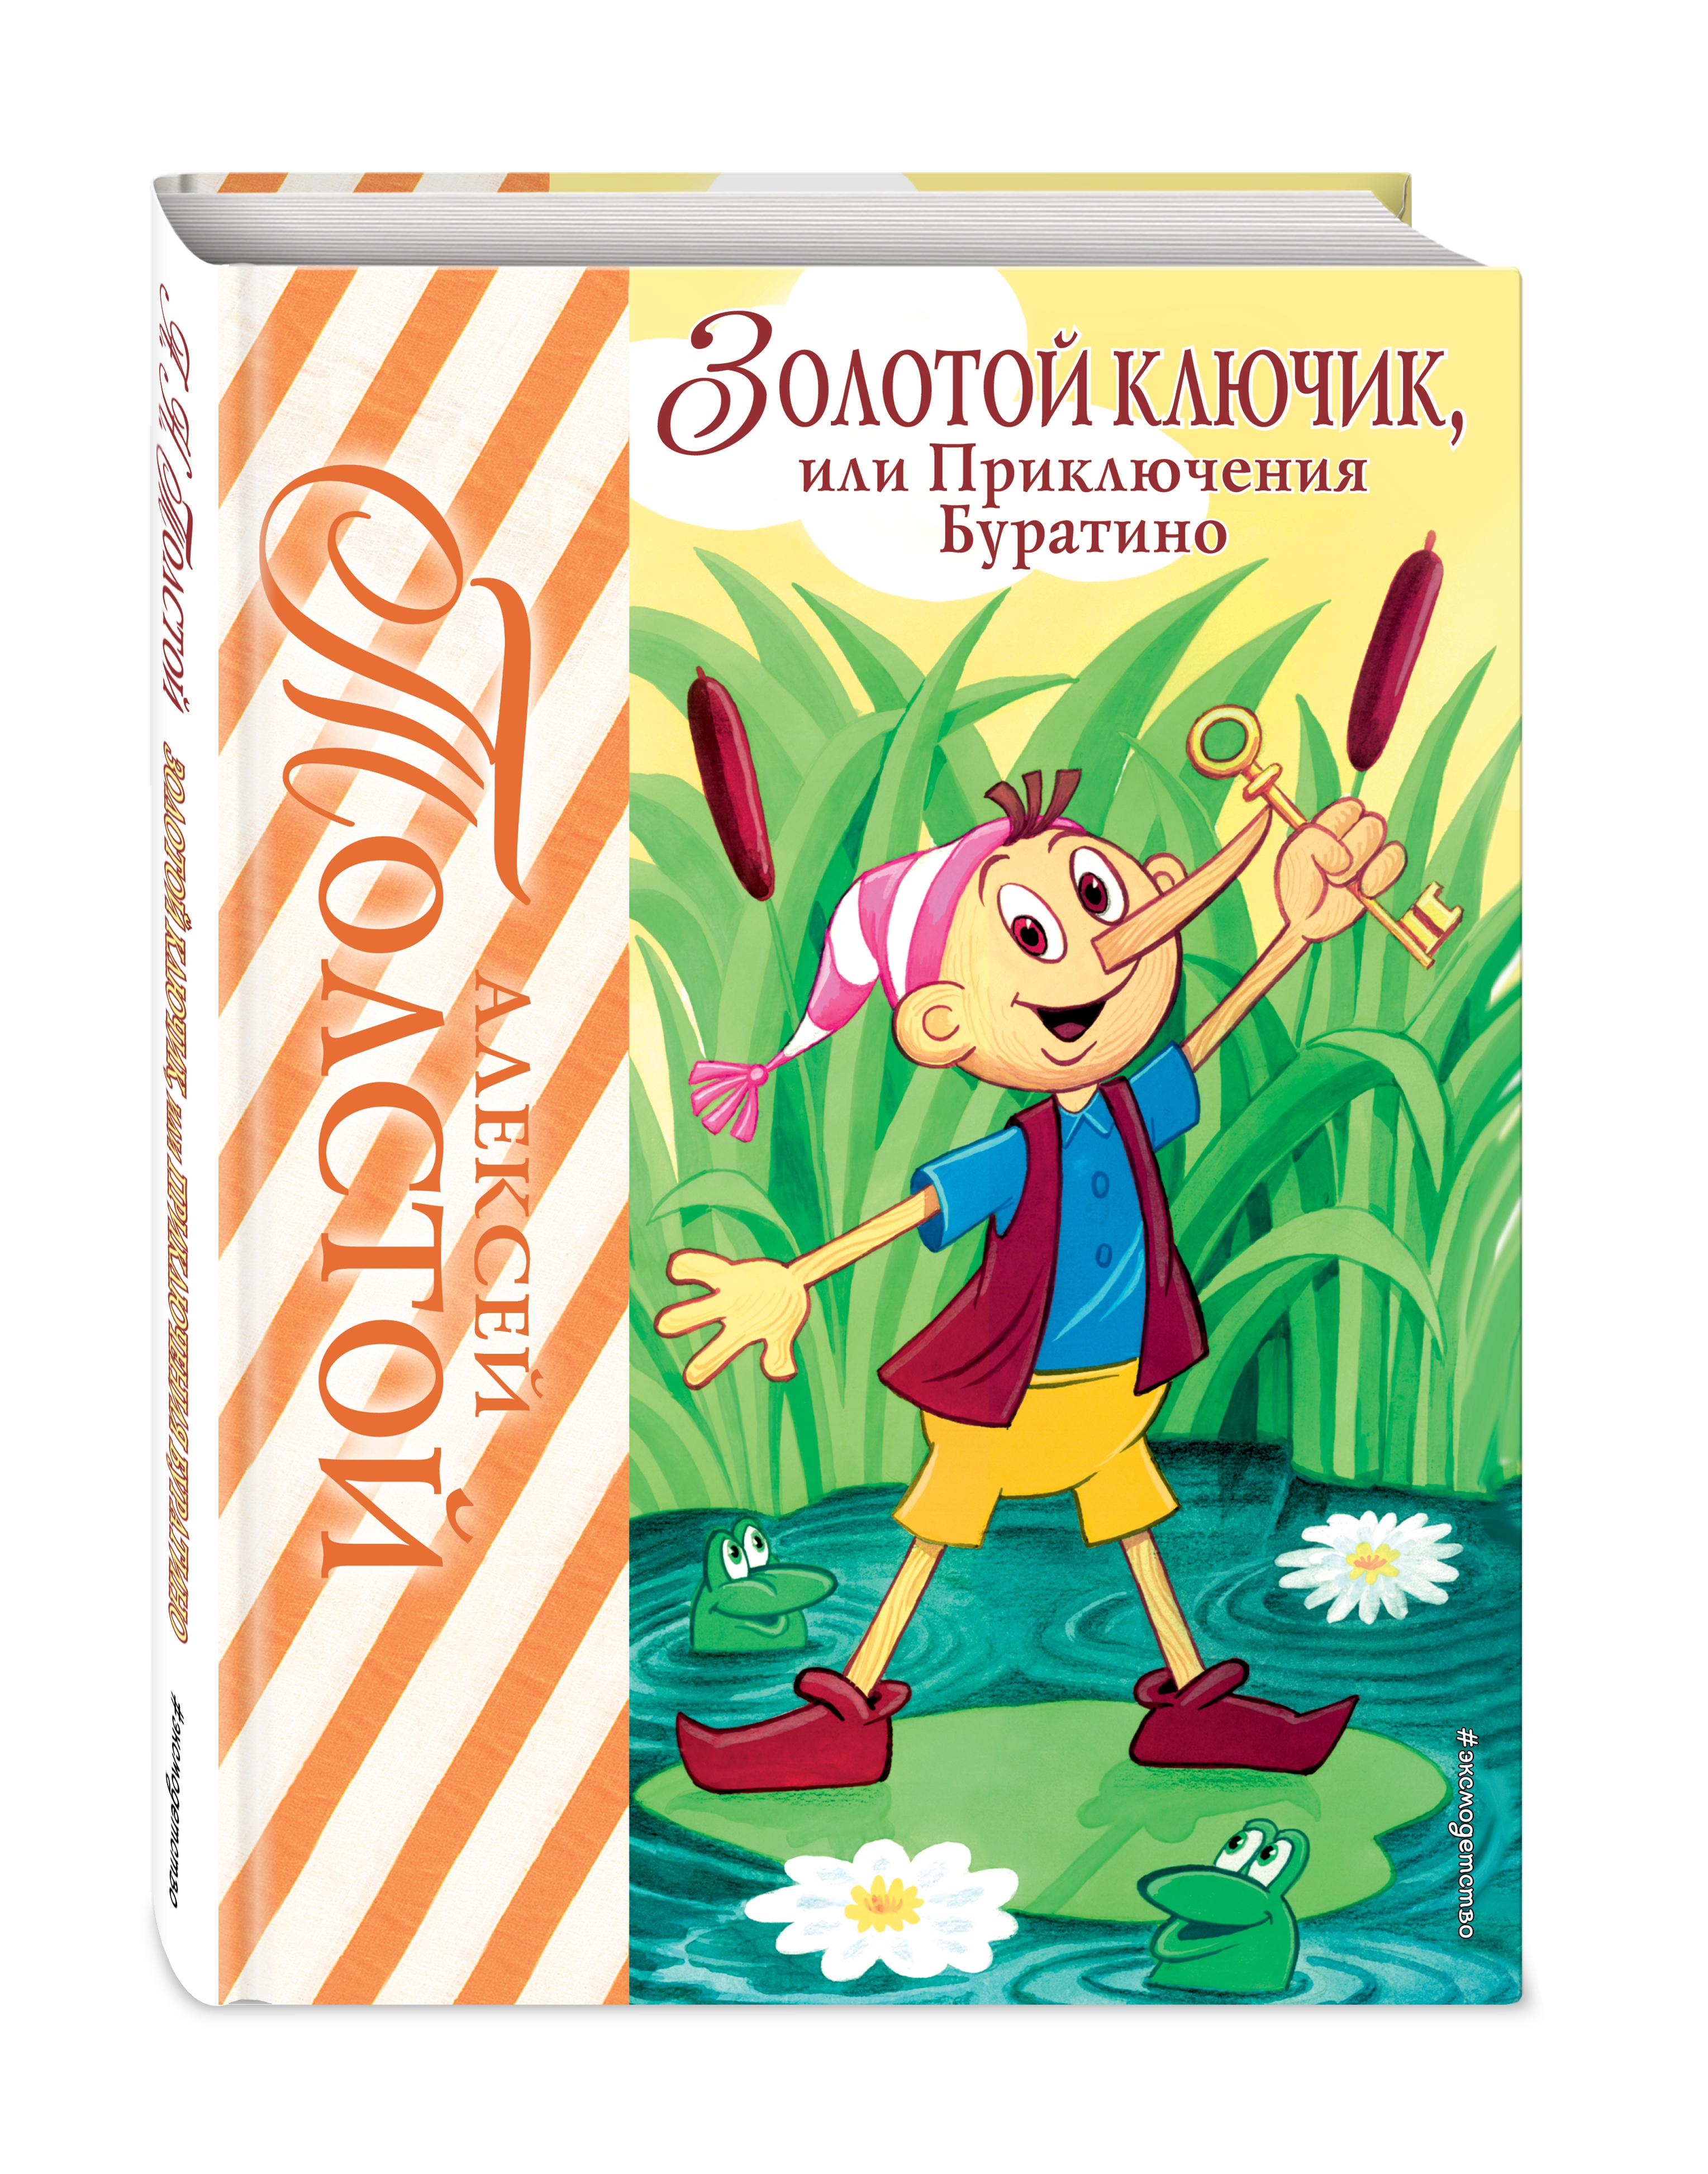 Алексей Толстой Золотой ключик, или Приключения Буратино (ил. А. Разуваева)